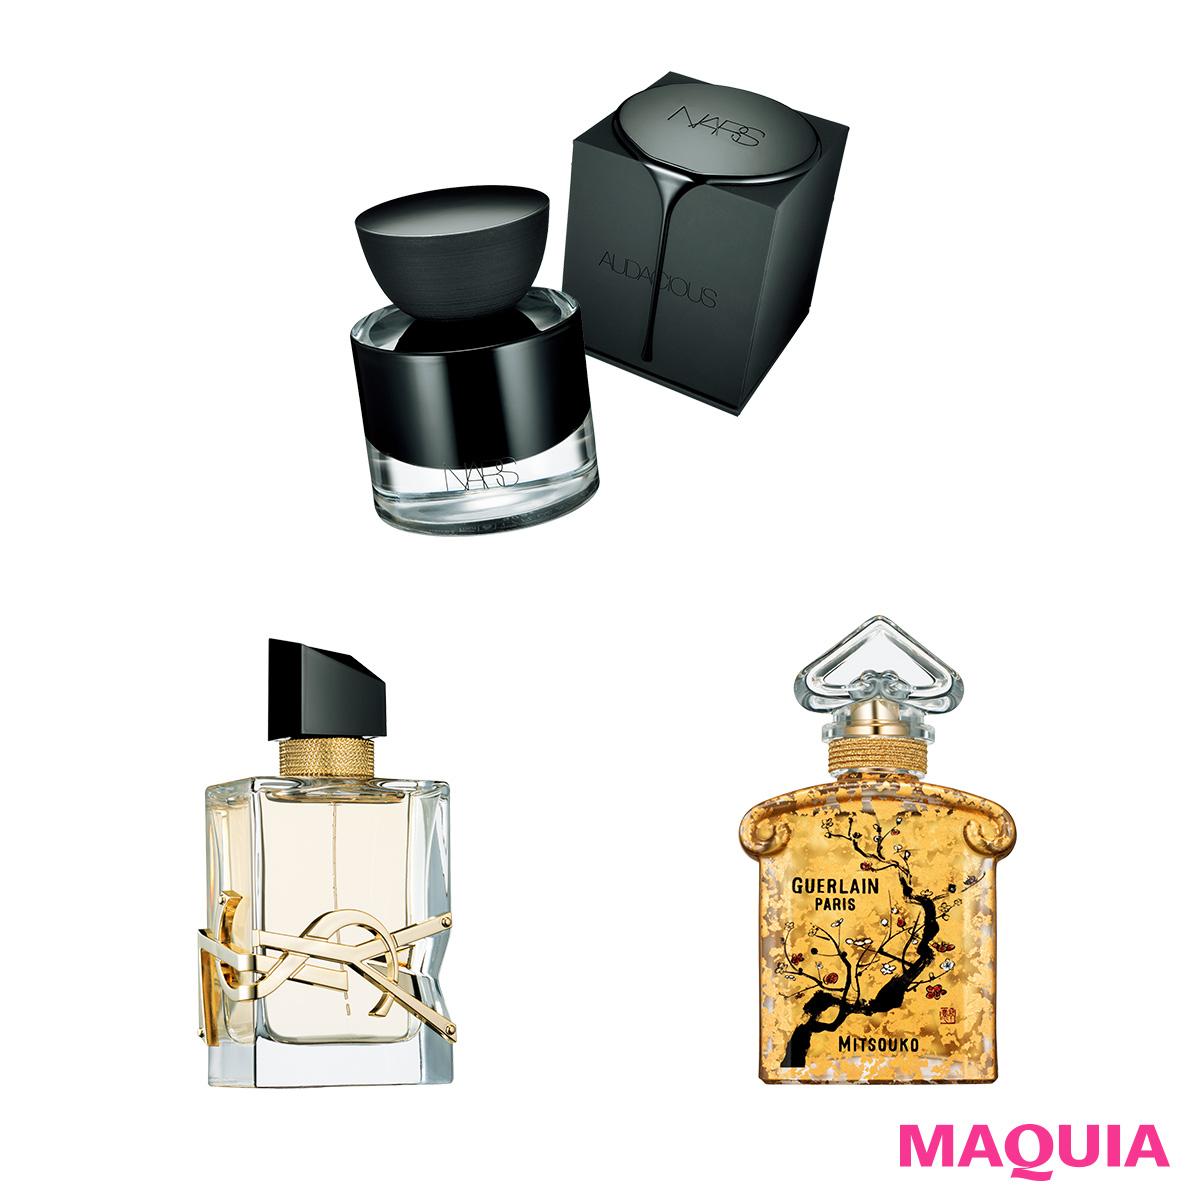 魅惑的な香りを纏って女を上げる! 大人気ブランドの新作・限定香水【NARS、イヴ・サンローラン・ボーテ、ゲラン】